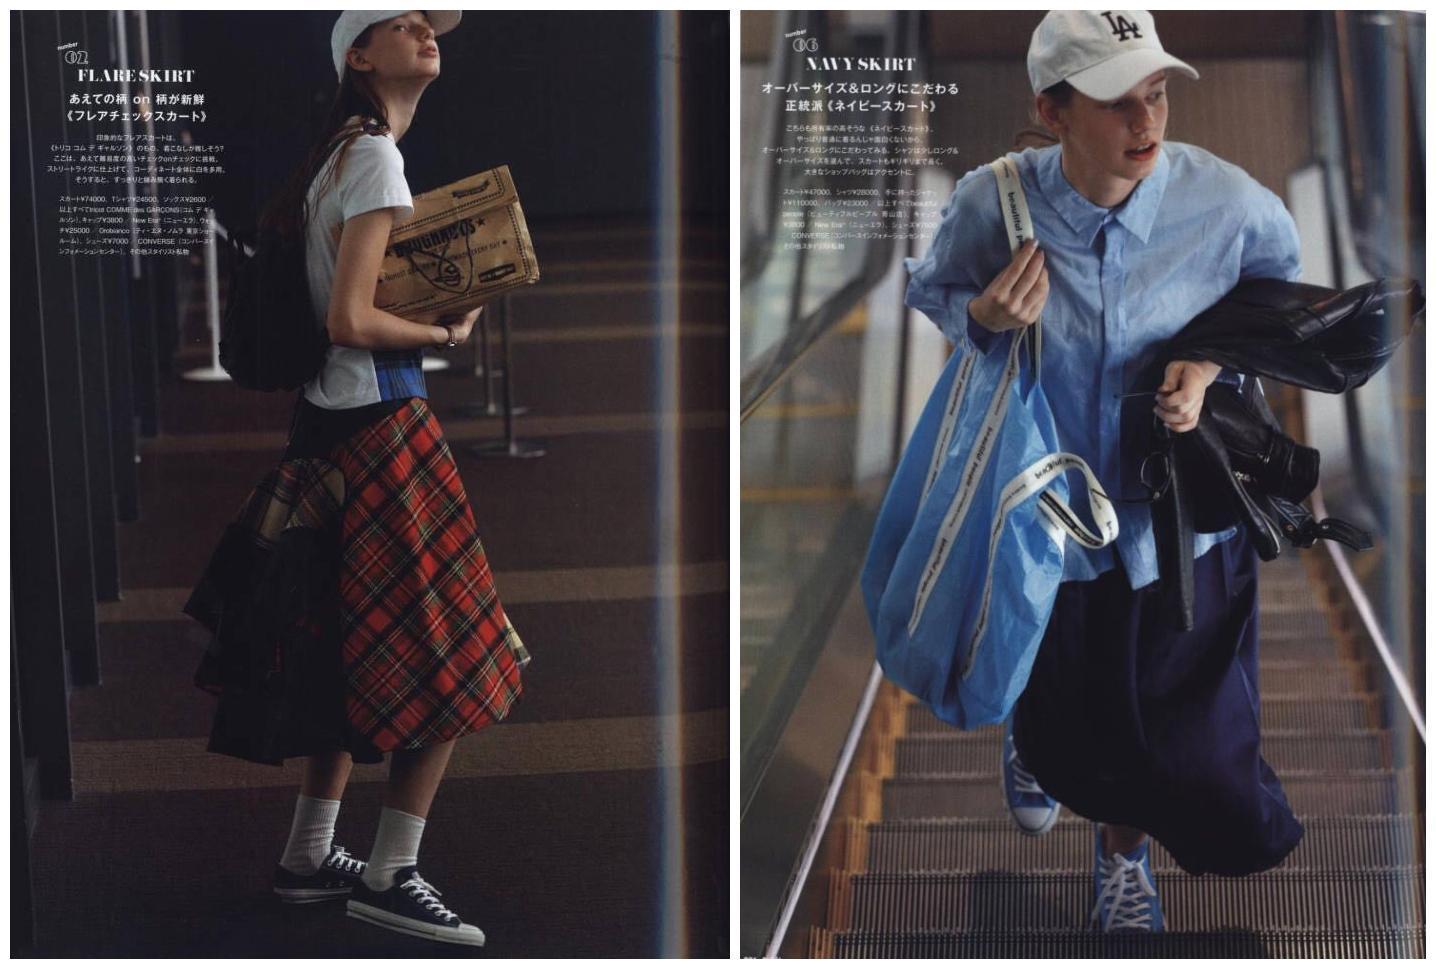 谁说时尚杂志boring?这几本杂志包你翻到手抽筋!